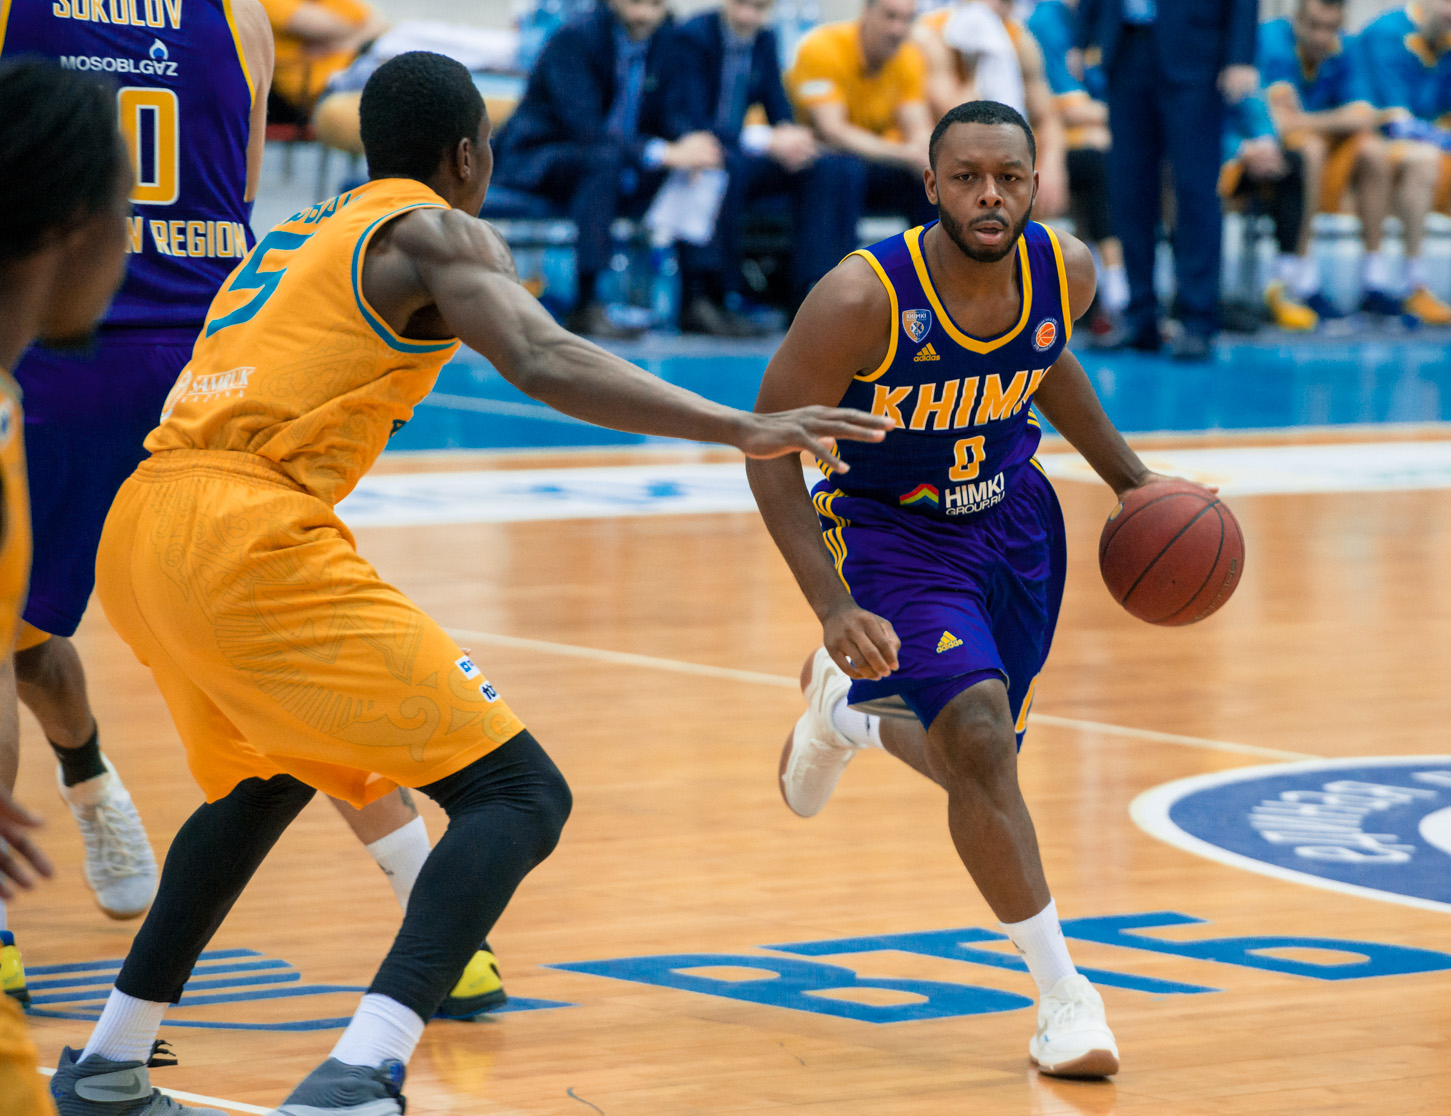 Khimki Survives Astana, Krubally